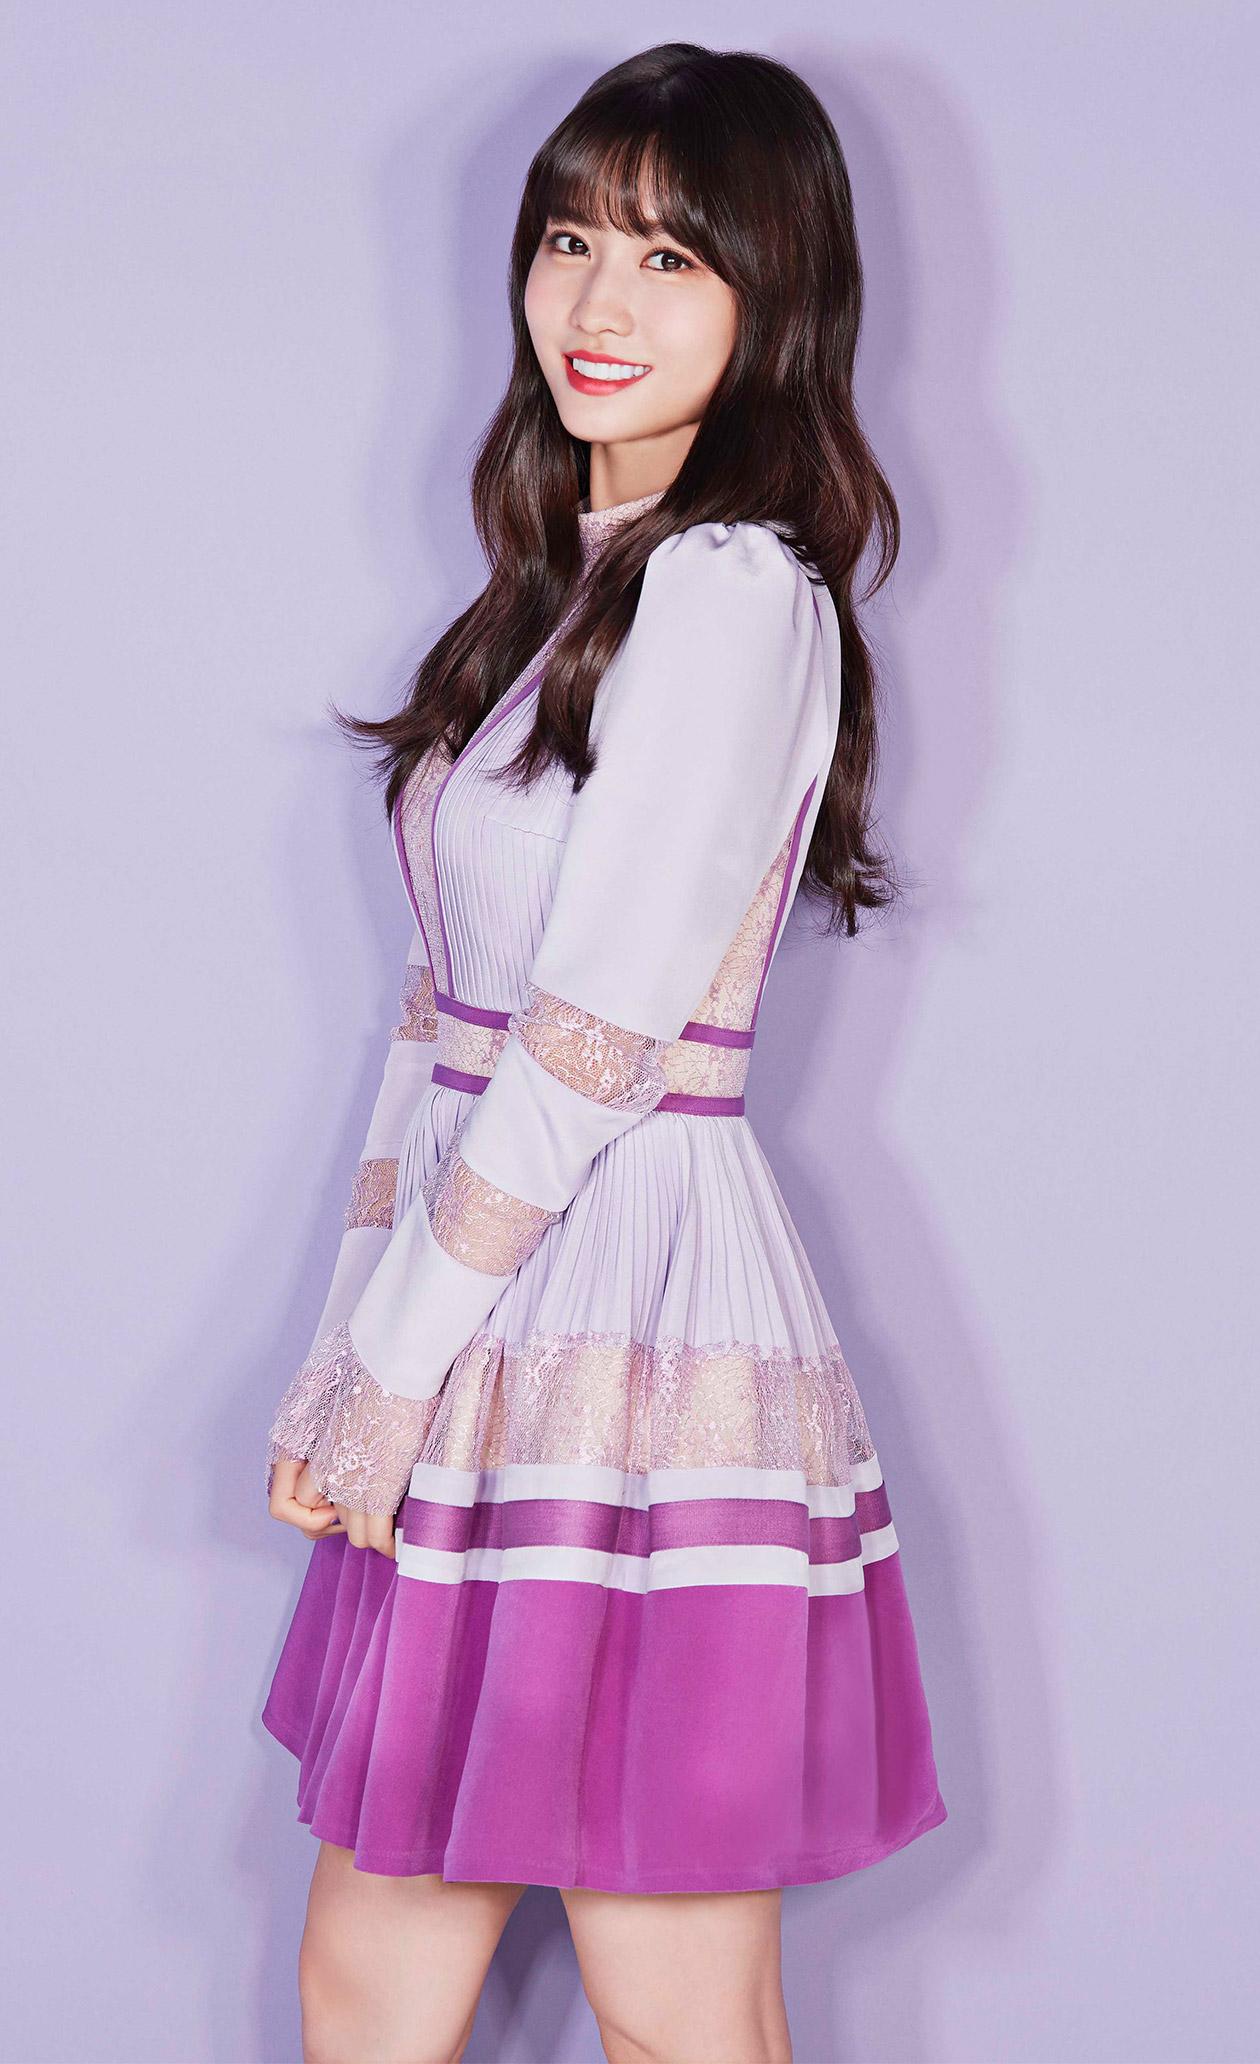 Wallpaper Asian Twice Singer J Pop Women Twice Momo